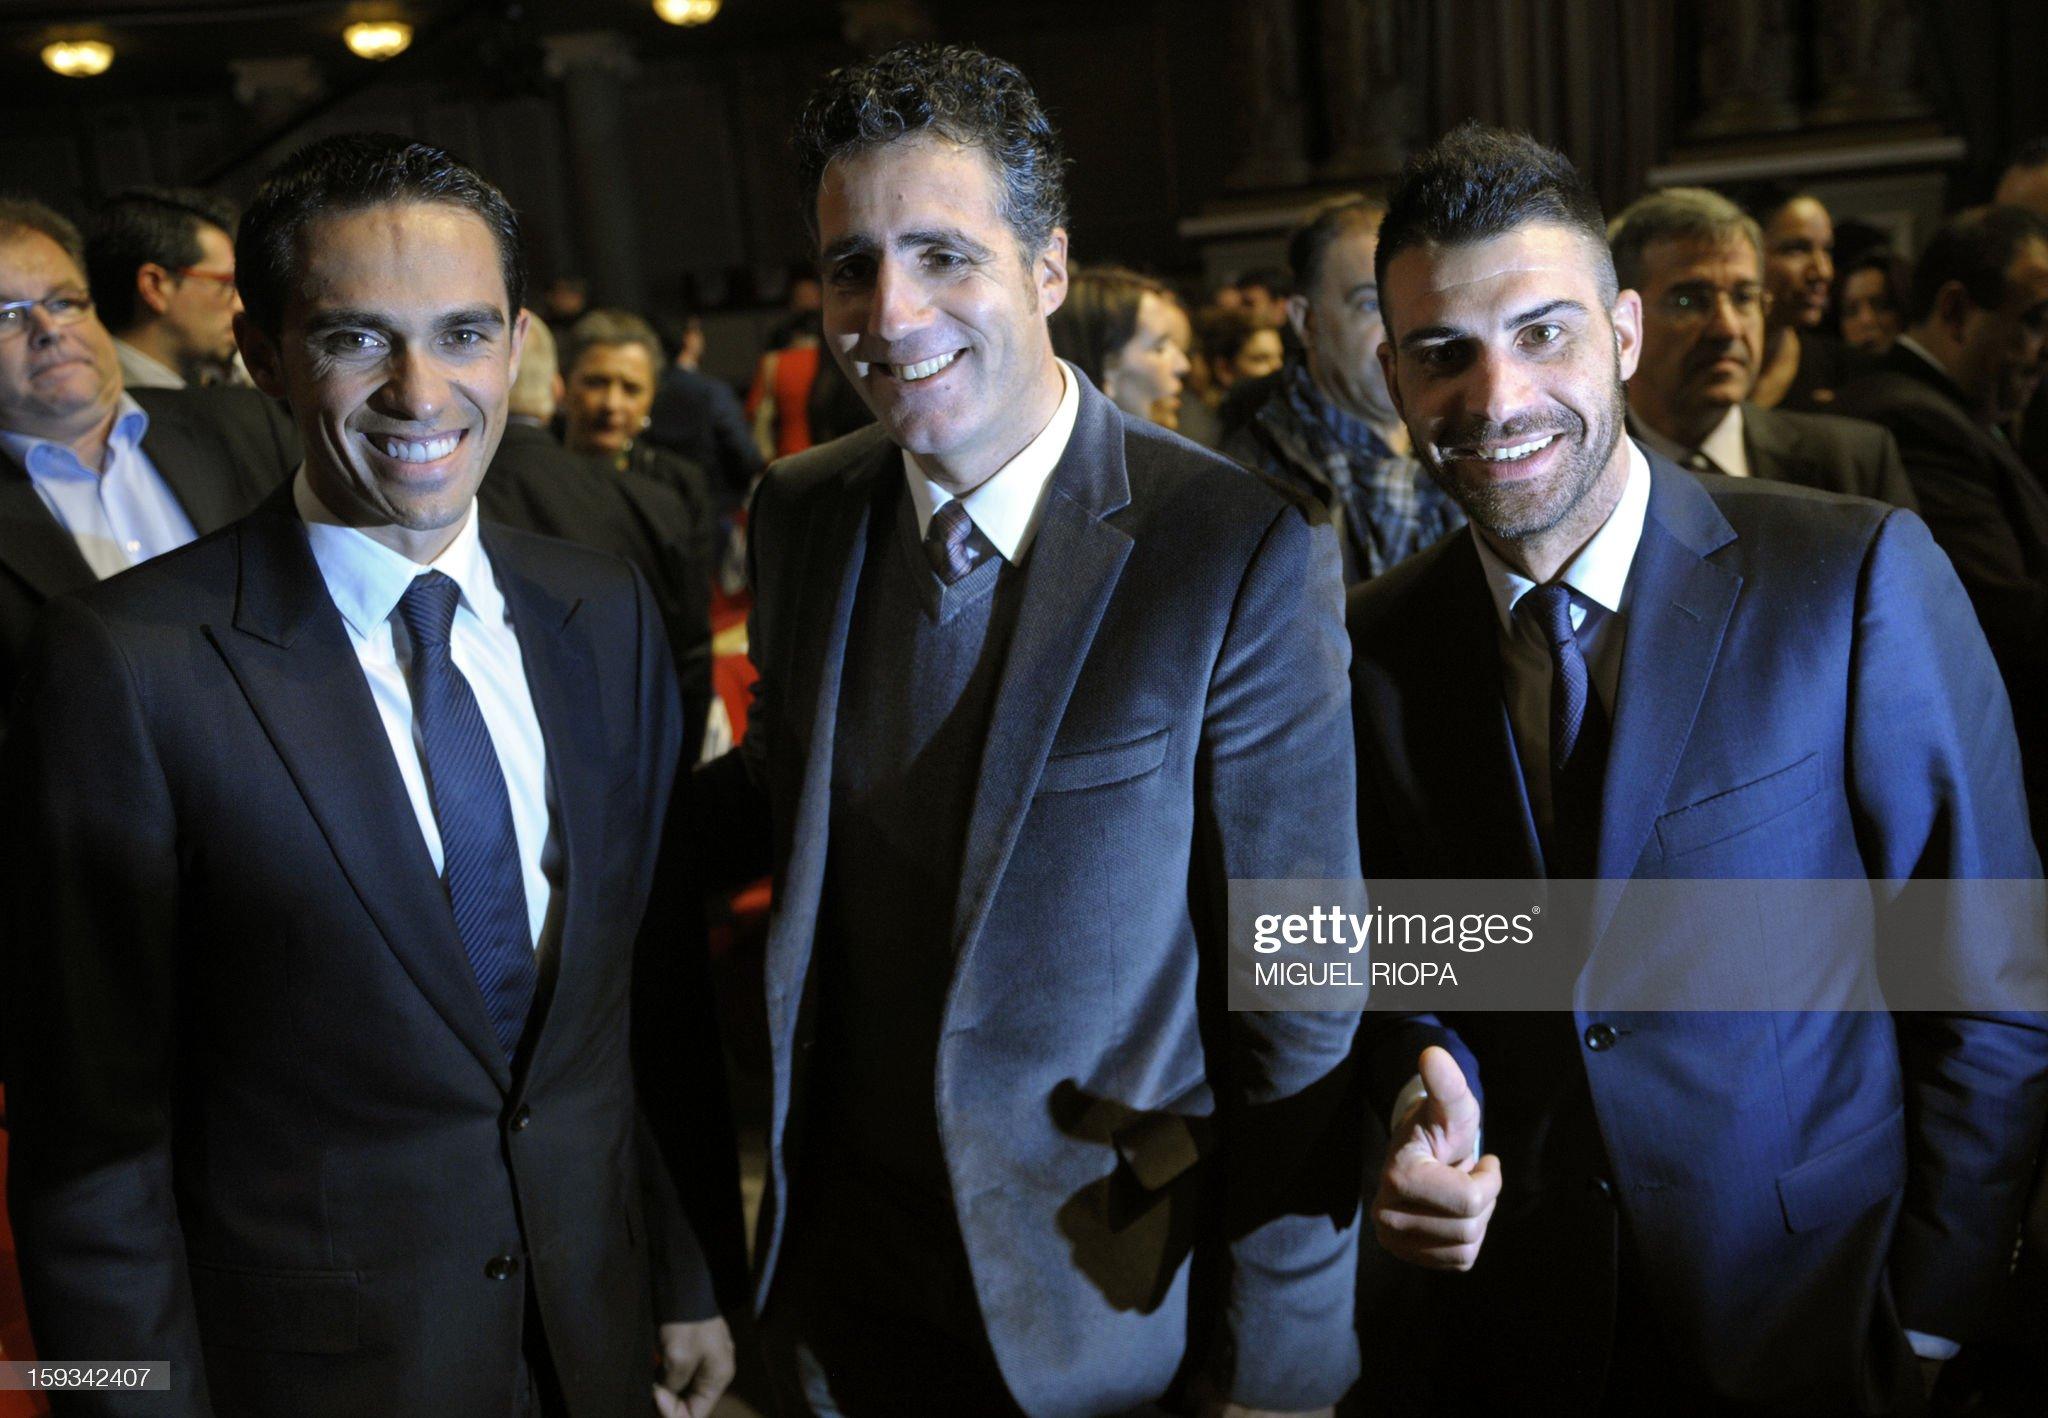 ¿Cuánto mide Alberto Contador? - Estatura y peso - Real height The-vuelta-2012s-winner-spanish-cyclist-alberto-contador-former-picture-id159342407?s=2048x2048